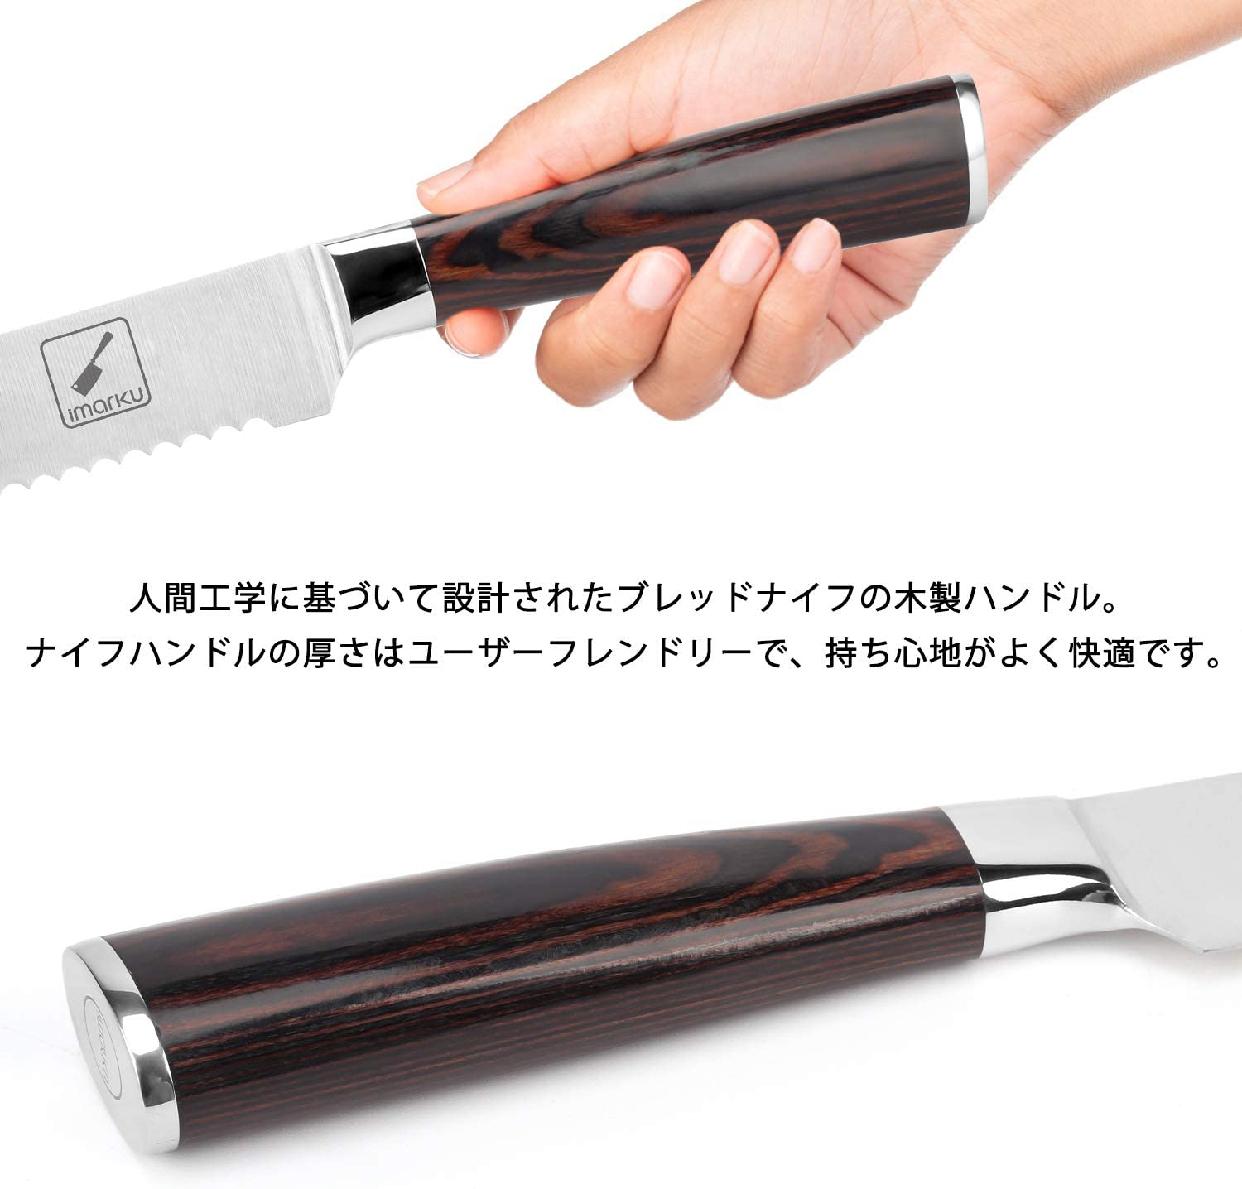 imarku(イマルク)ブレッドナイフ 10インチ シルバーの商品画像3